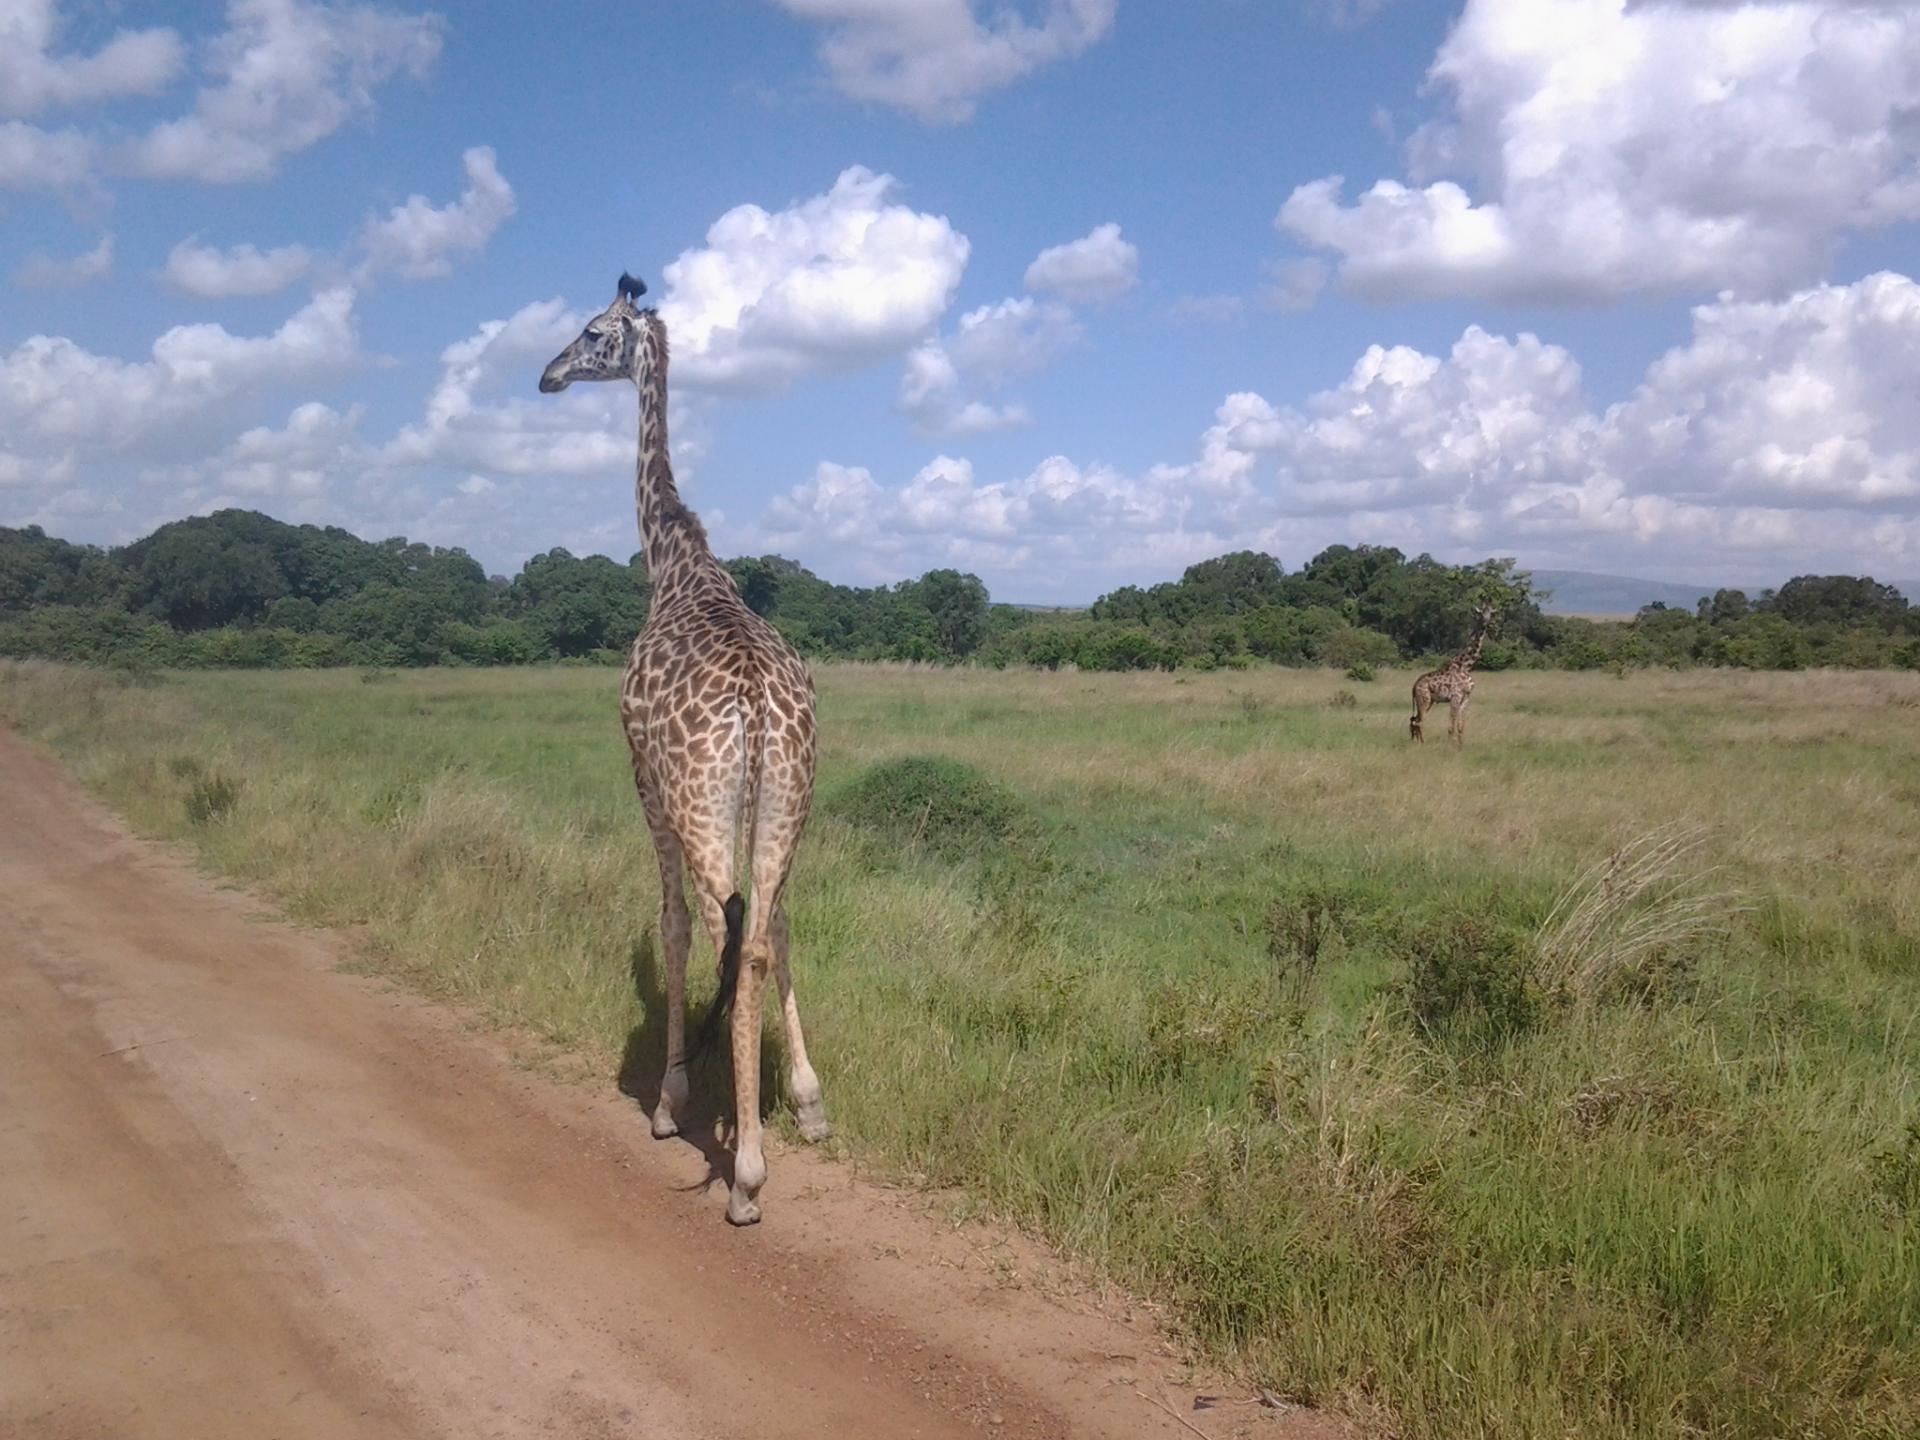 kenya budget safaris,tanzania budget safaris,camping safaris